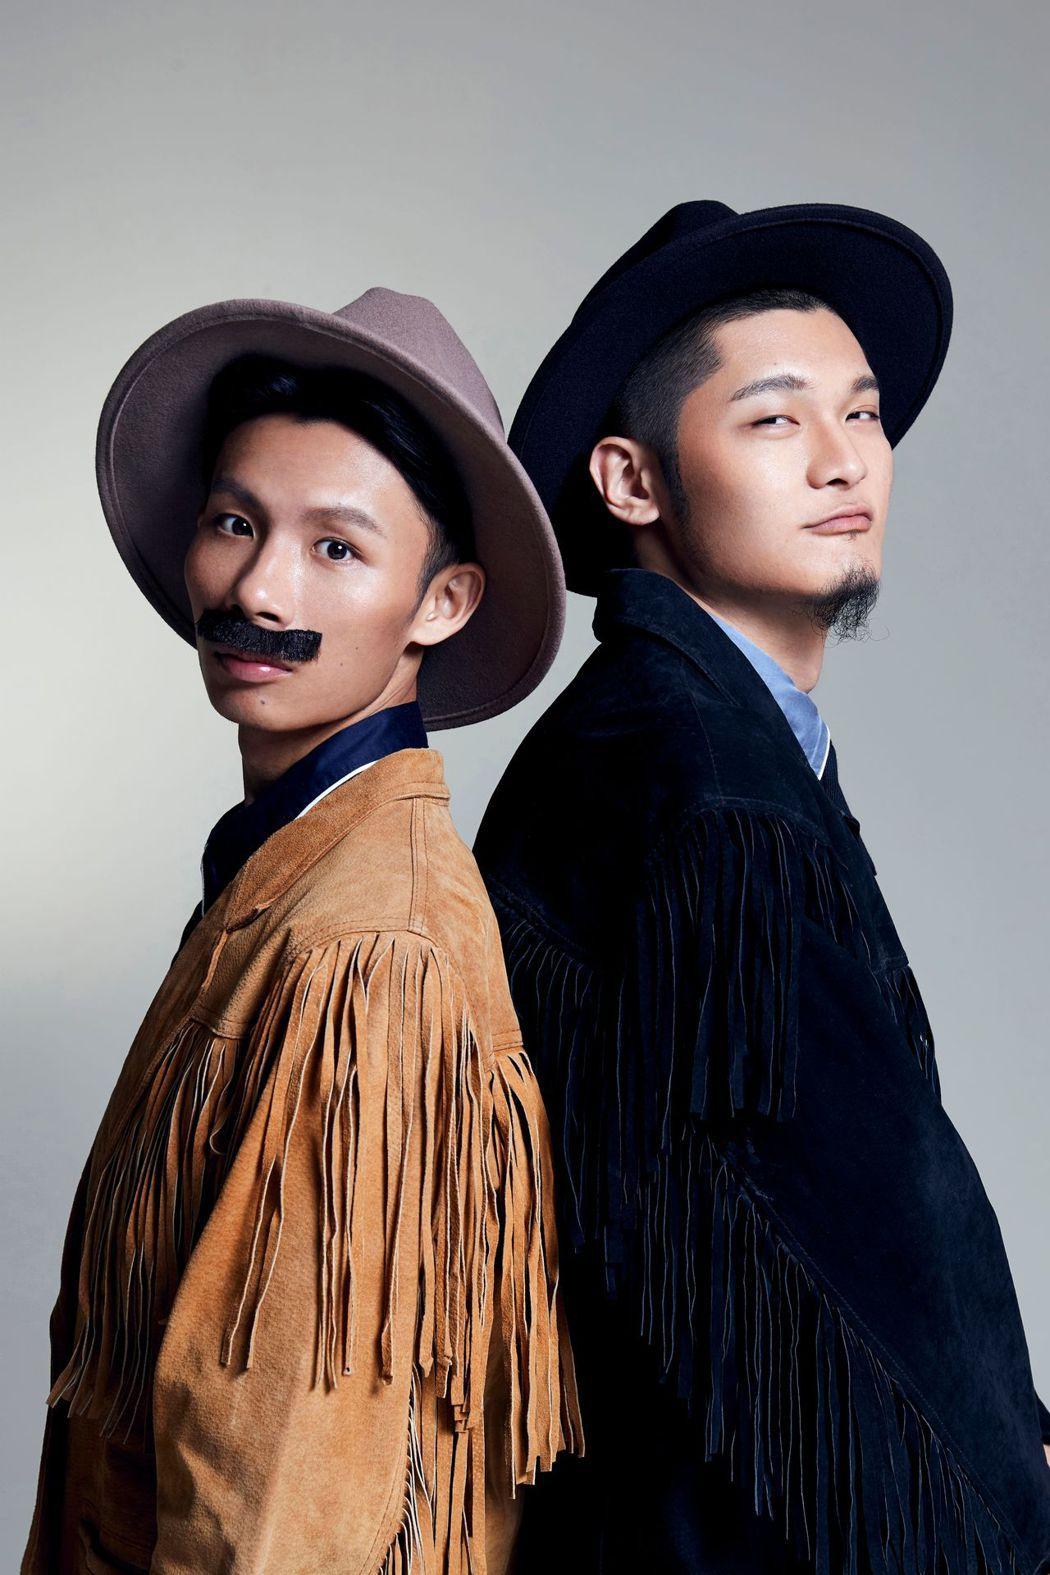 「夜貓組」扮成西部牛仔拍攝演唱會海報。圖/顏社提供